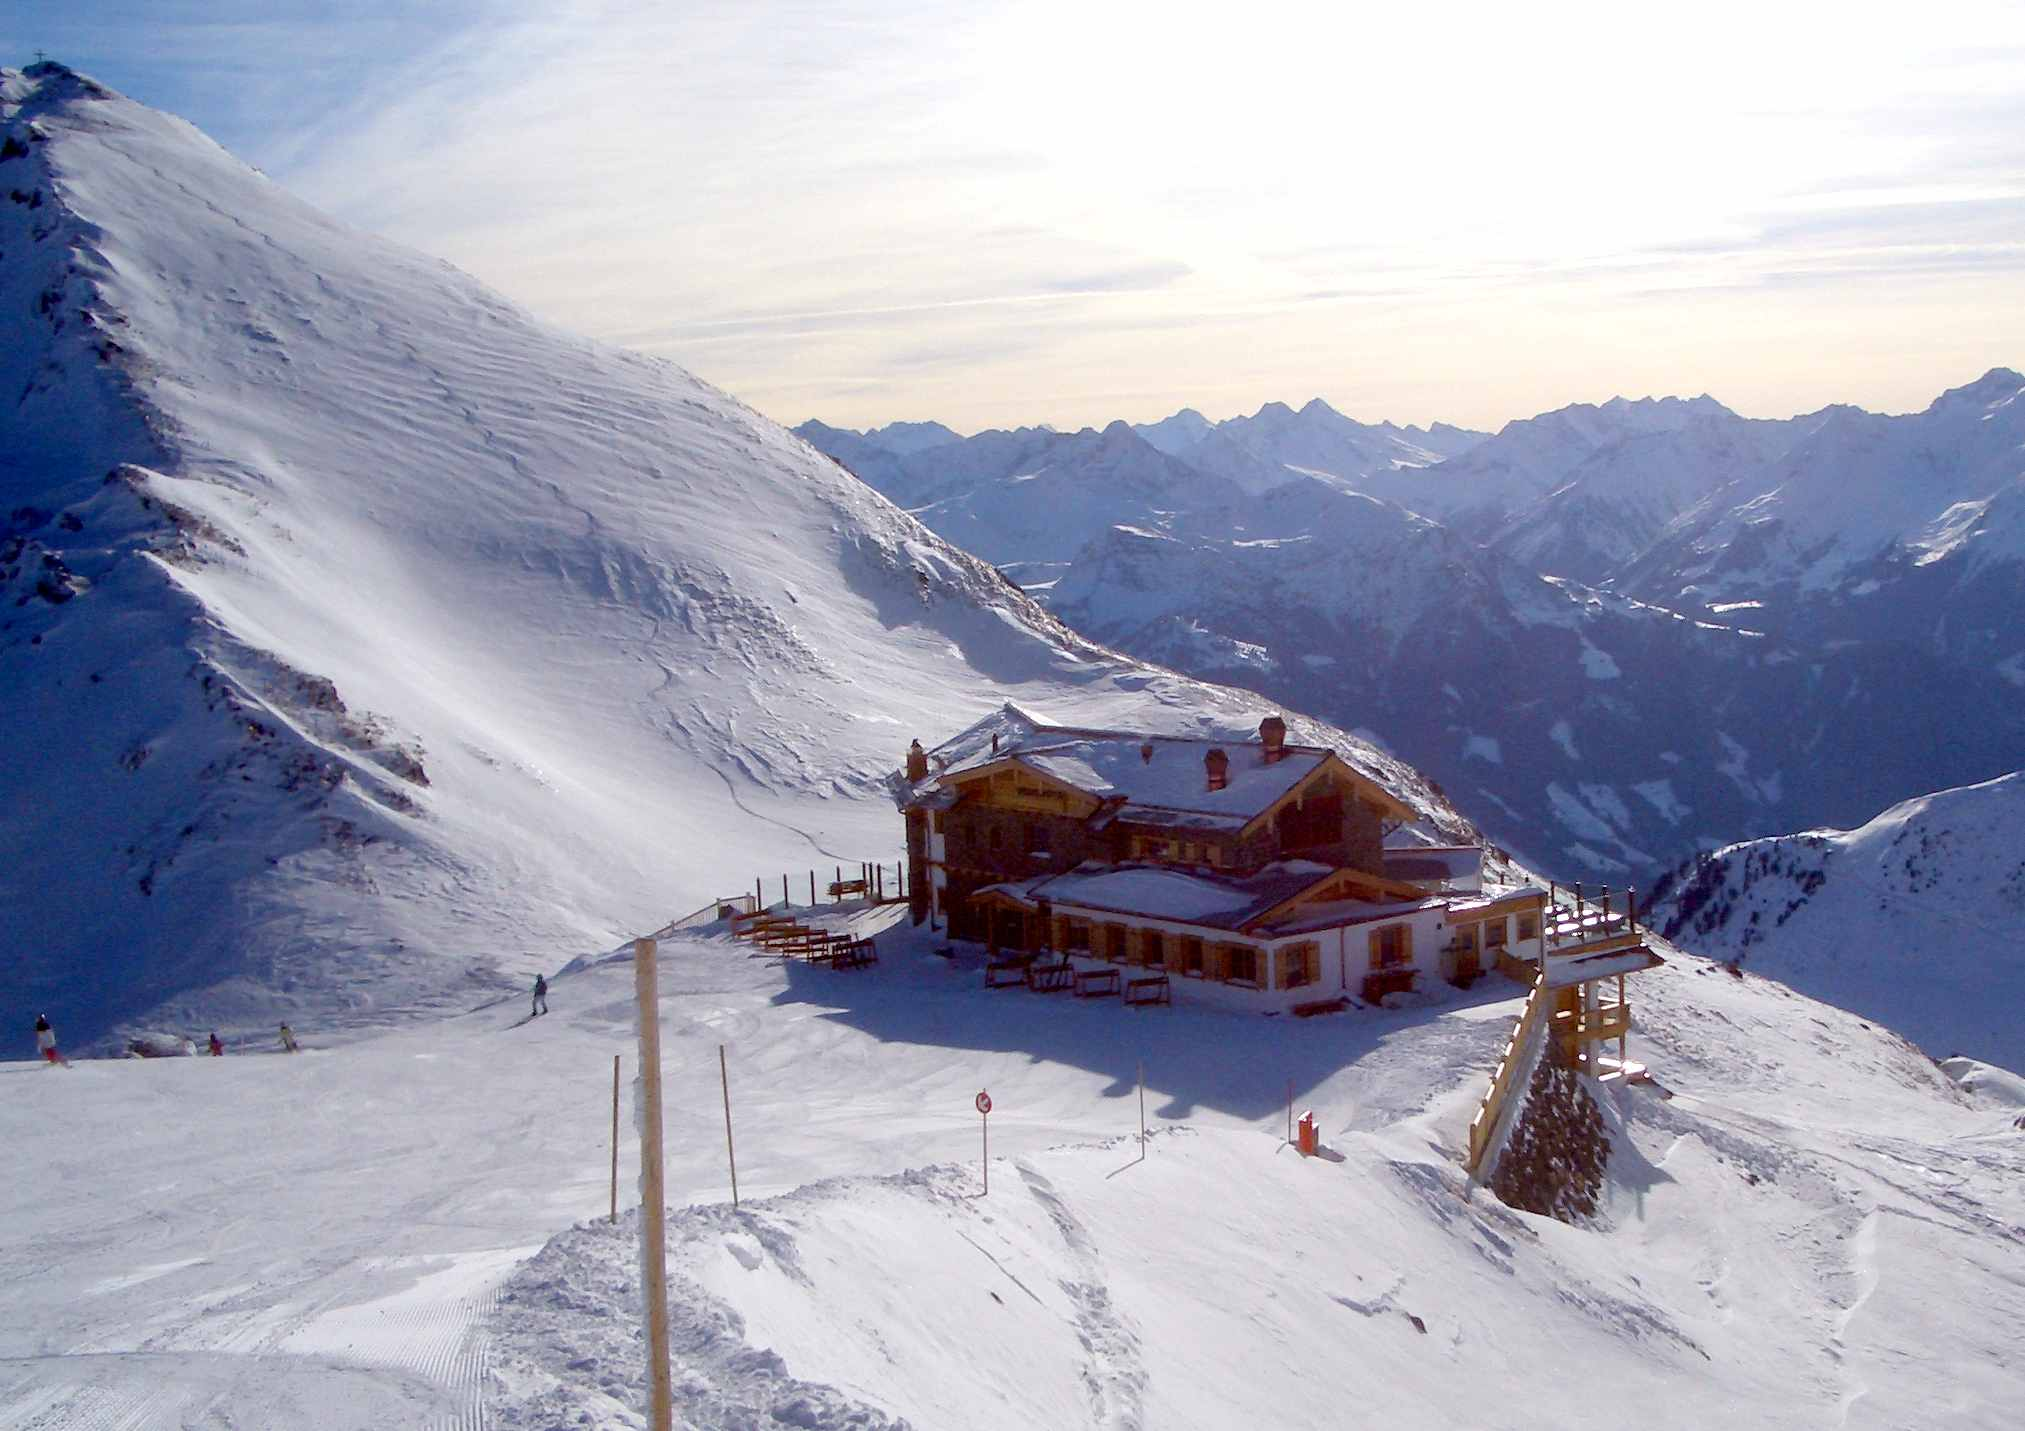 Die Wedelhütte im Skigebiet Hochzillertal in Tirol, direkt von Hütte auf die Skipiste im Zillertal